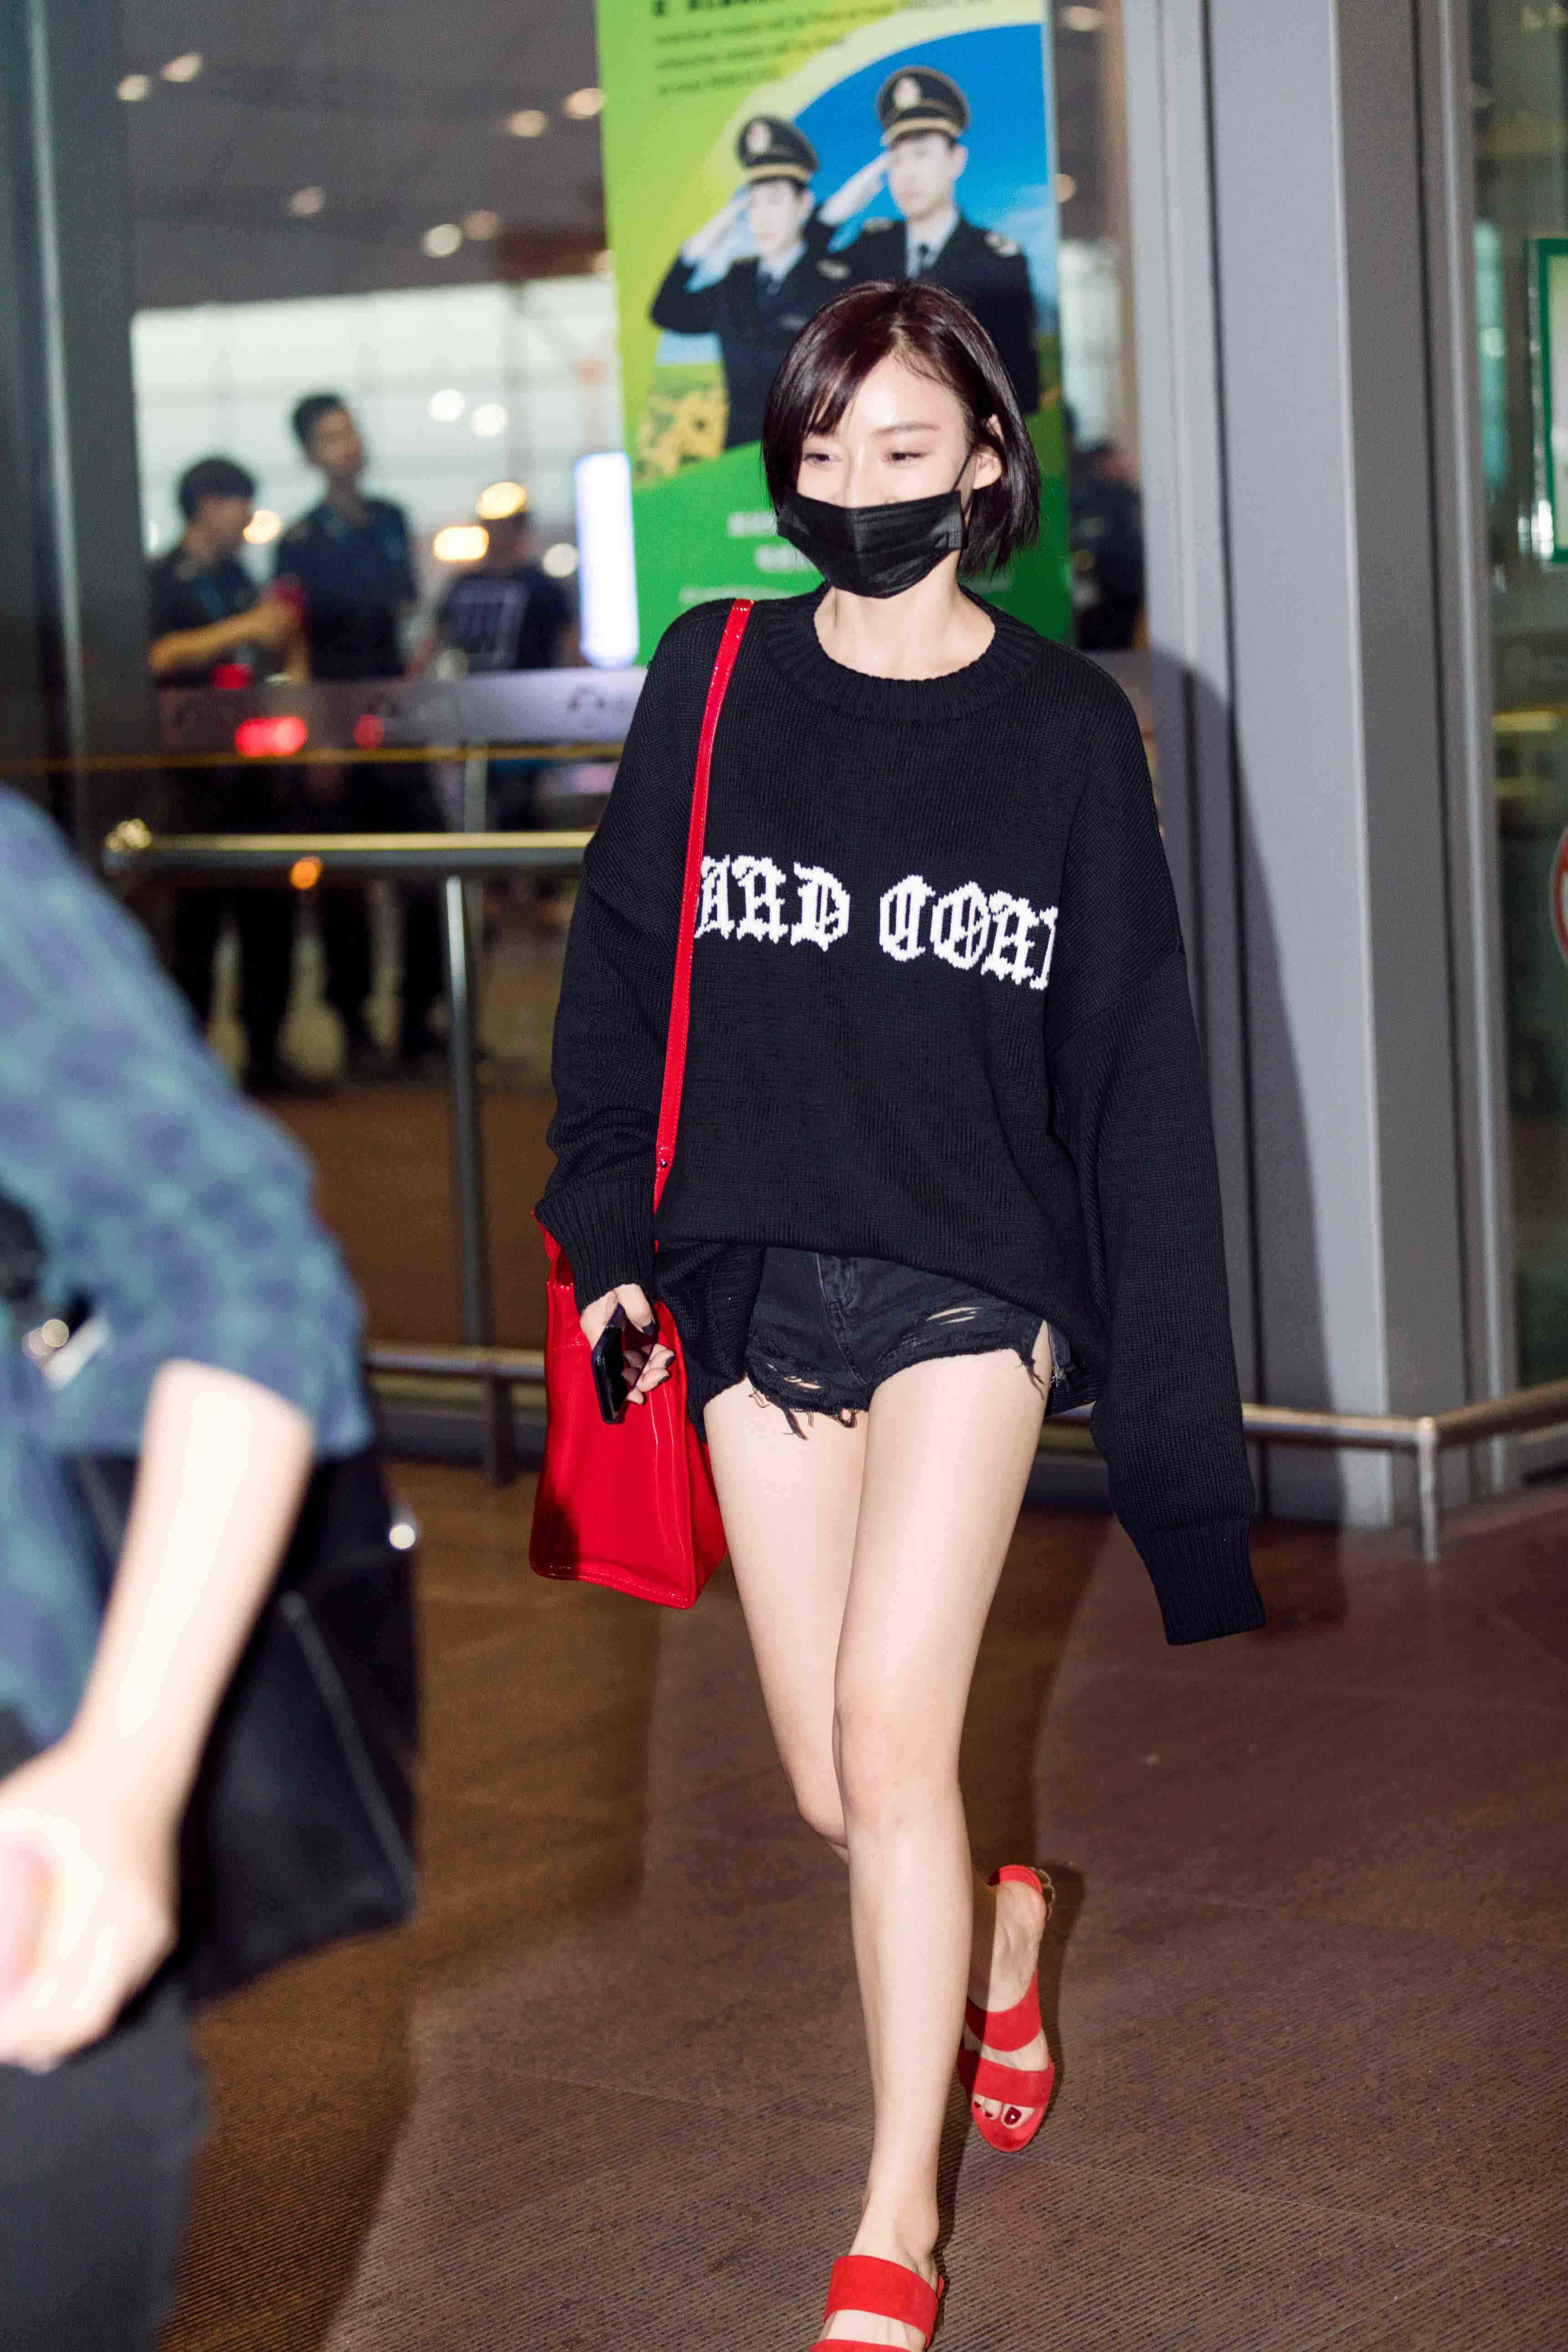 袁姗姗长袖短裤夏夜必备 红色包包超抢镜